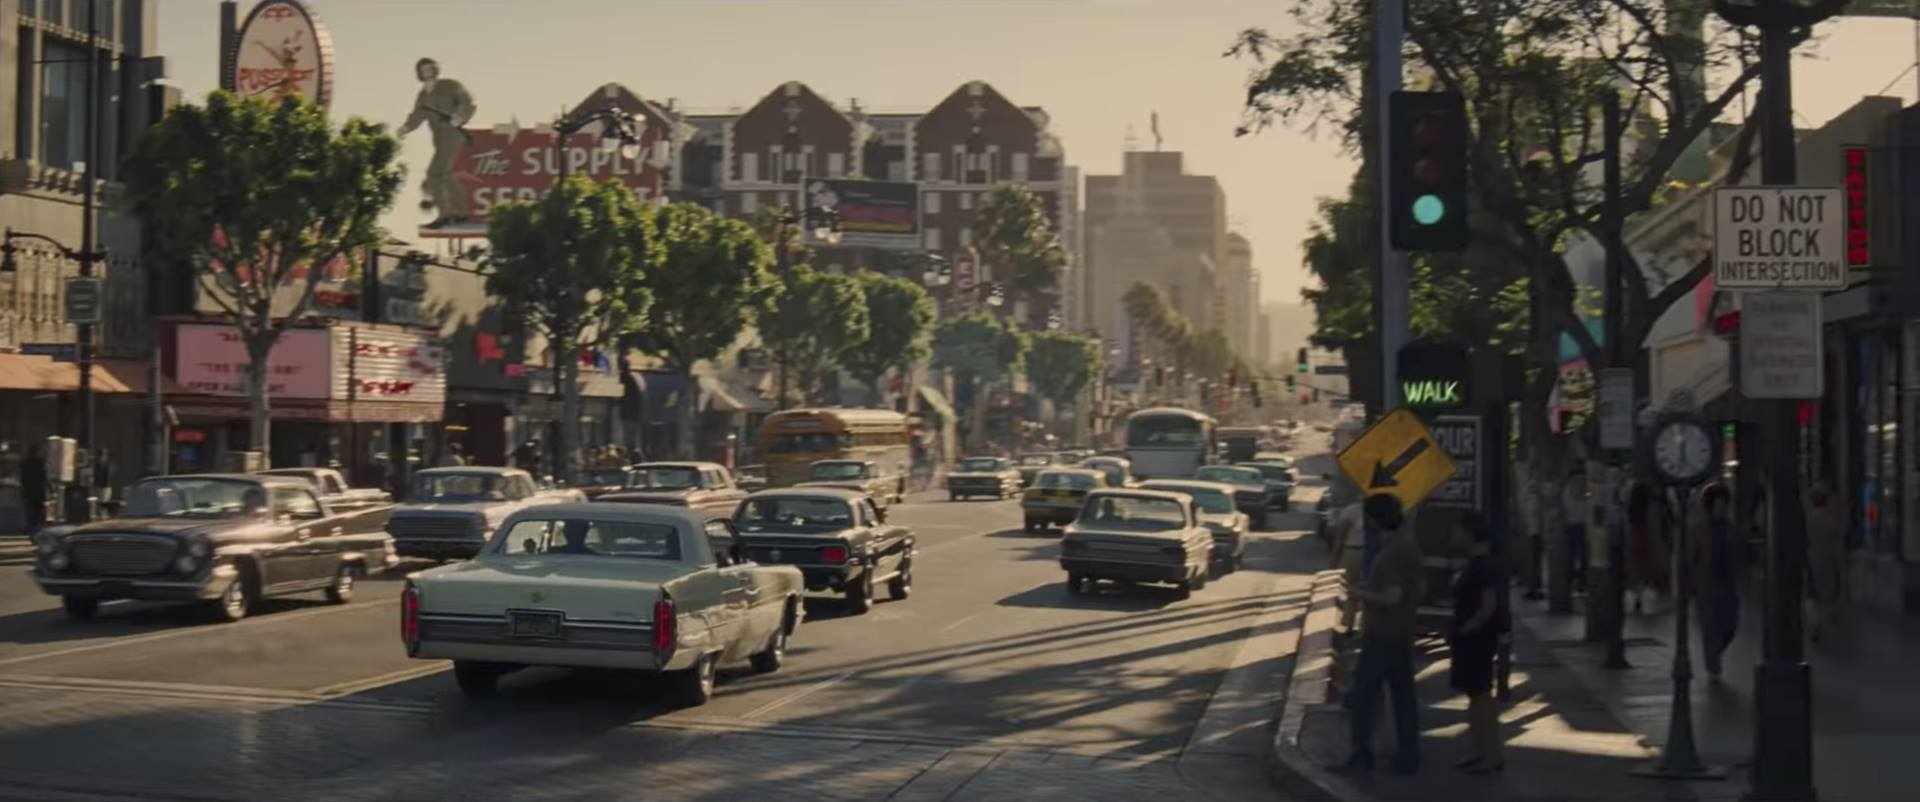 Στιγμιότυπο από την ταινία Once Upon a Time in Holywood